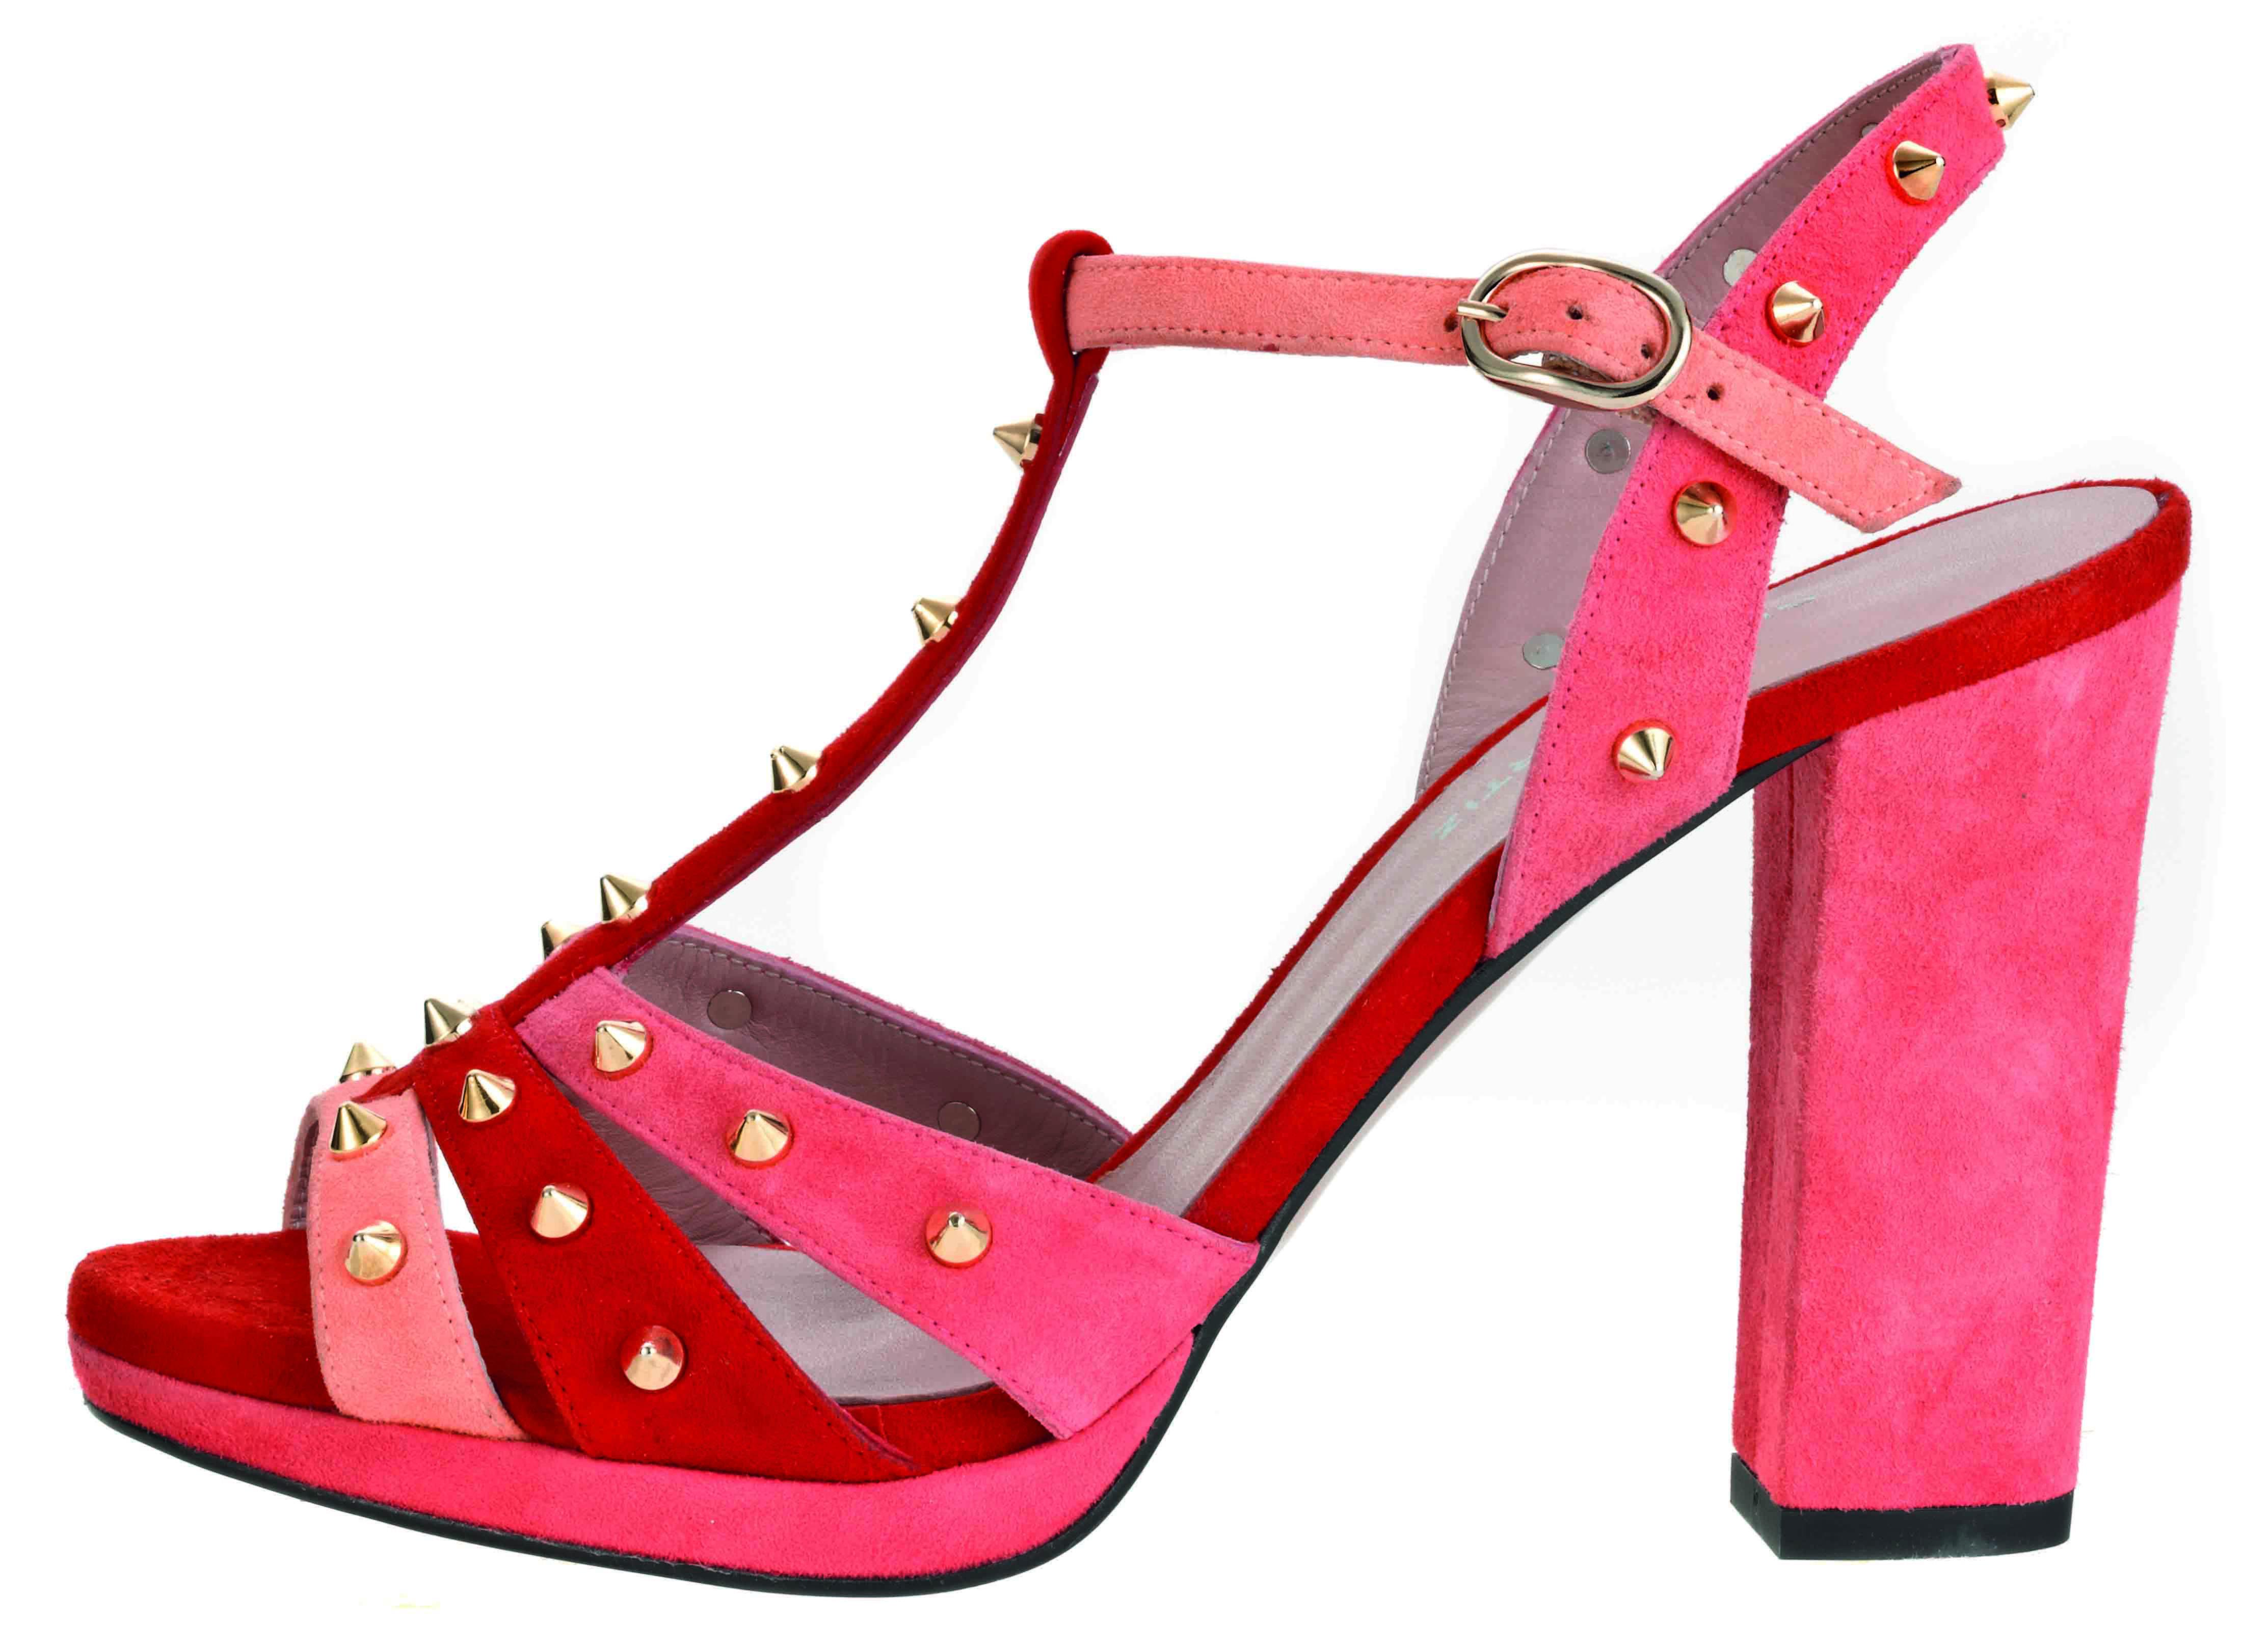 ¡En rosa y con tachuelas!